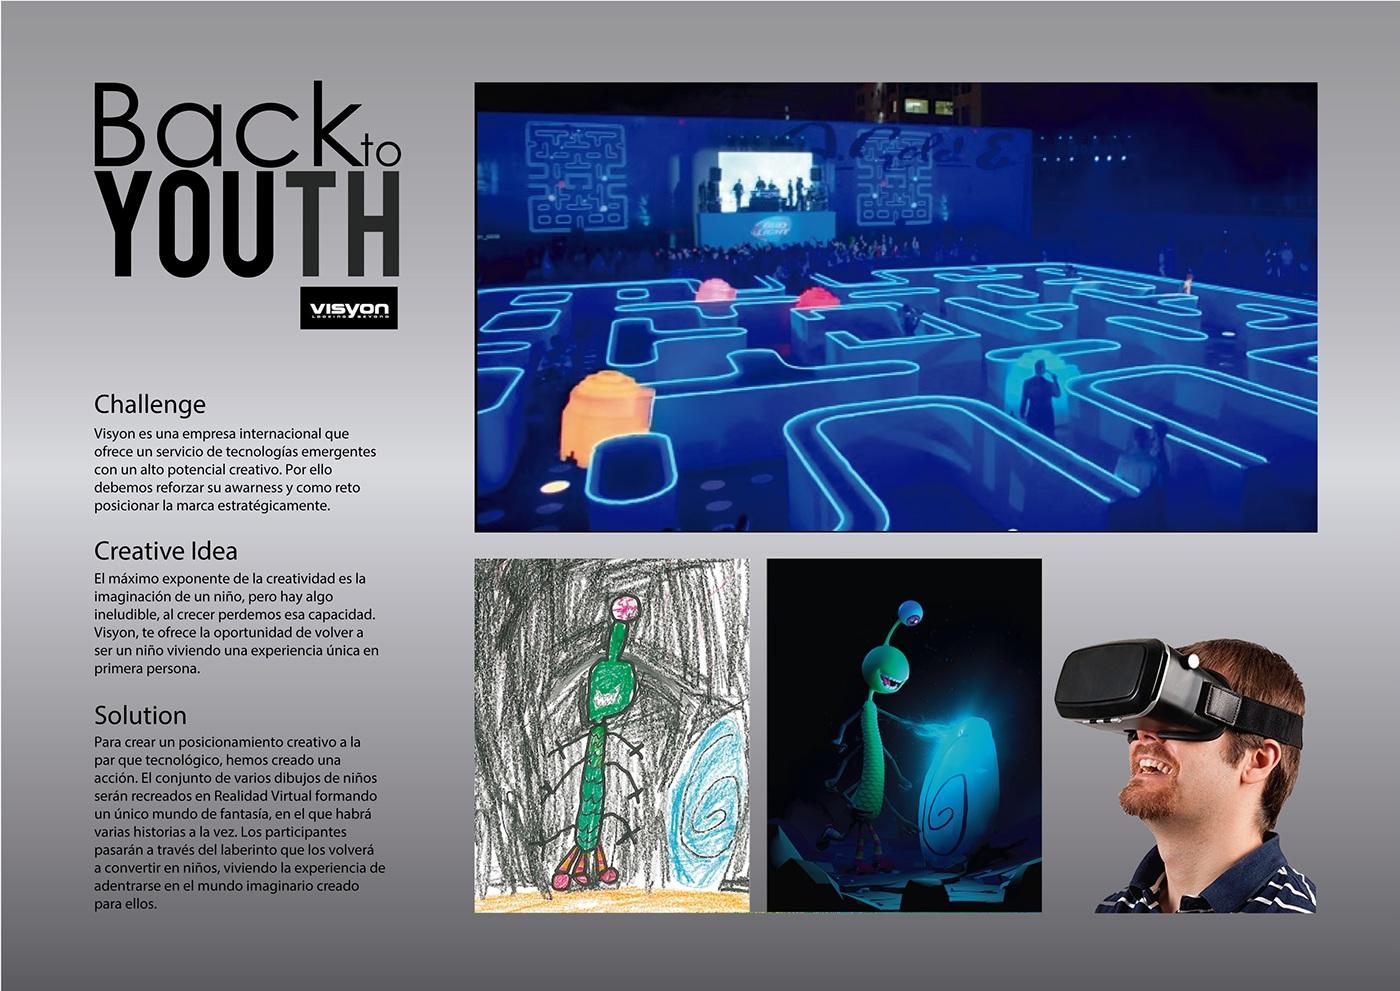 VISYON Virtual reality realidad virtual vr creatividad inocencia infancia dibujos 3D niños